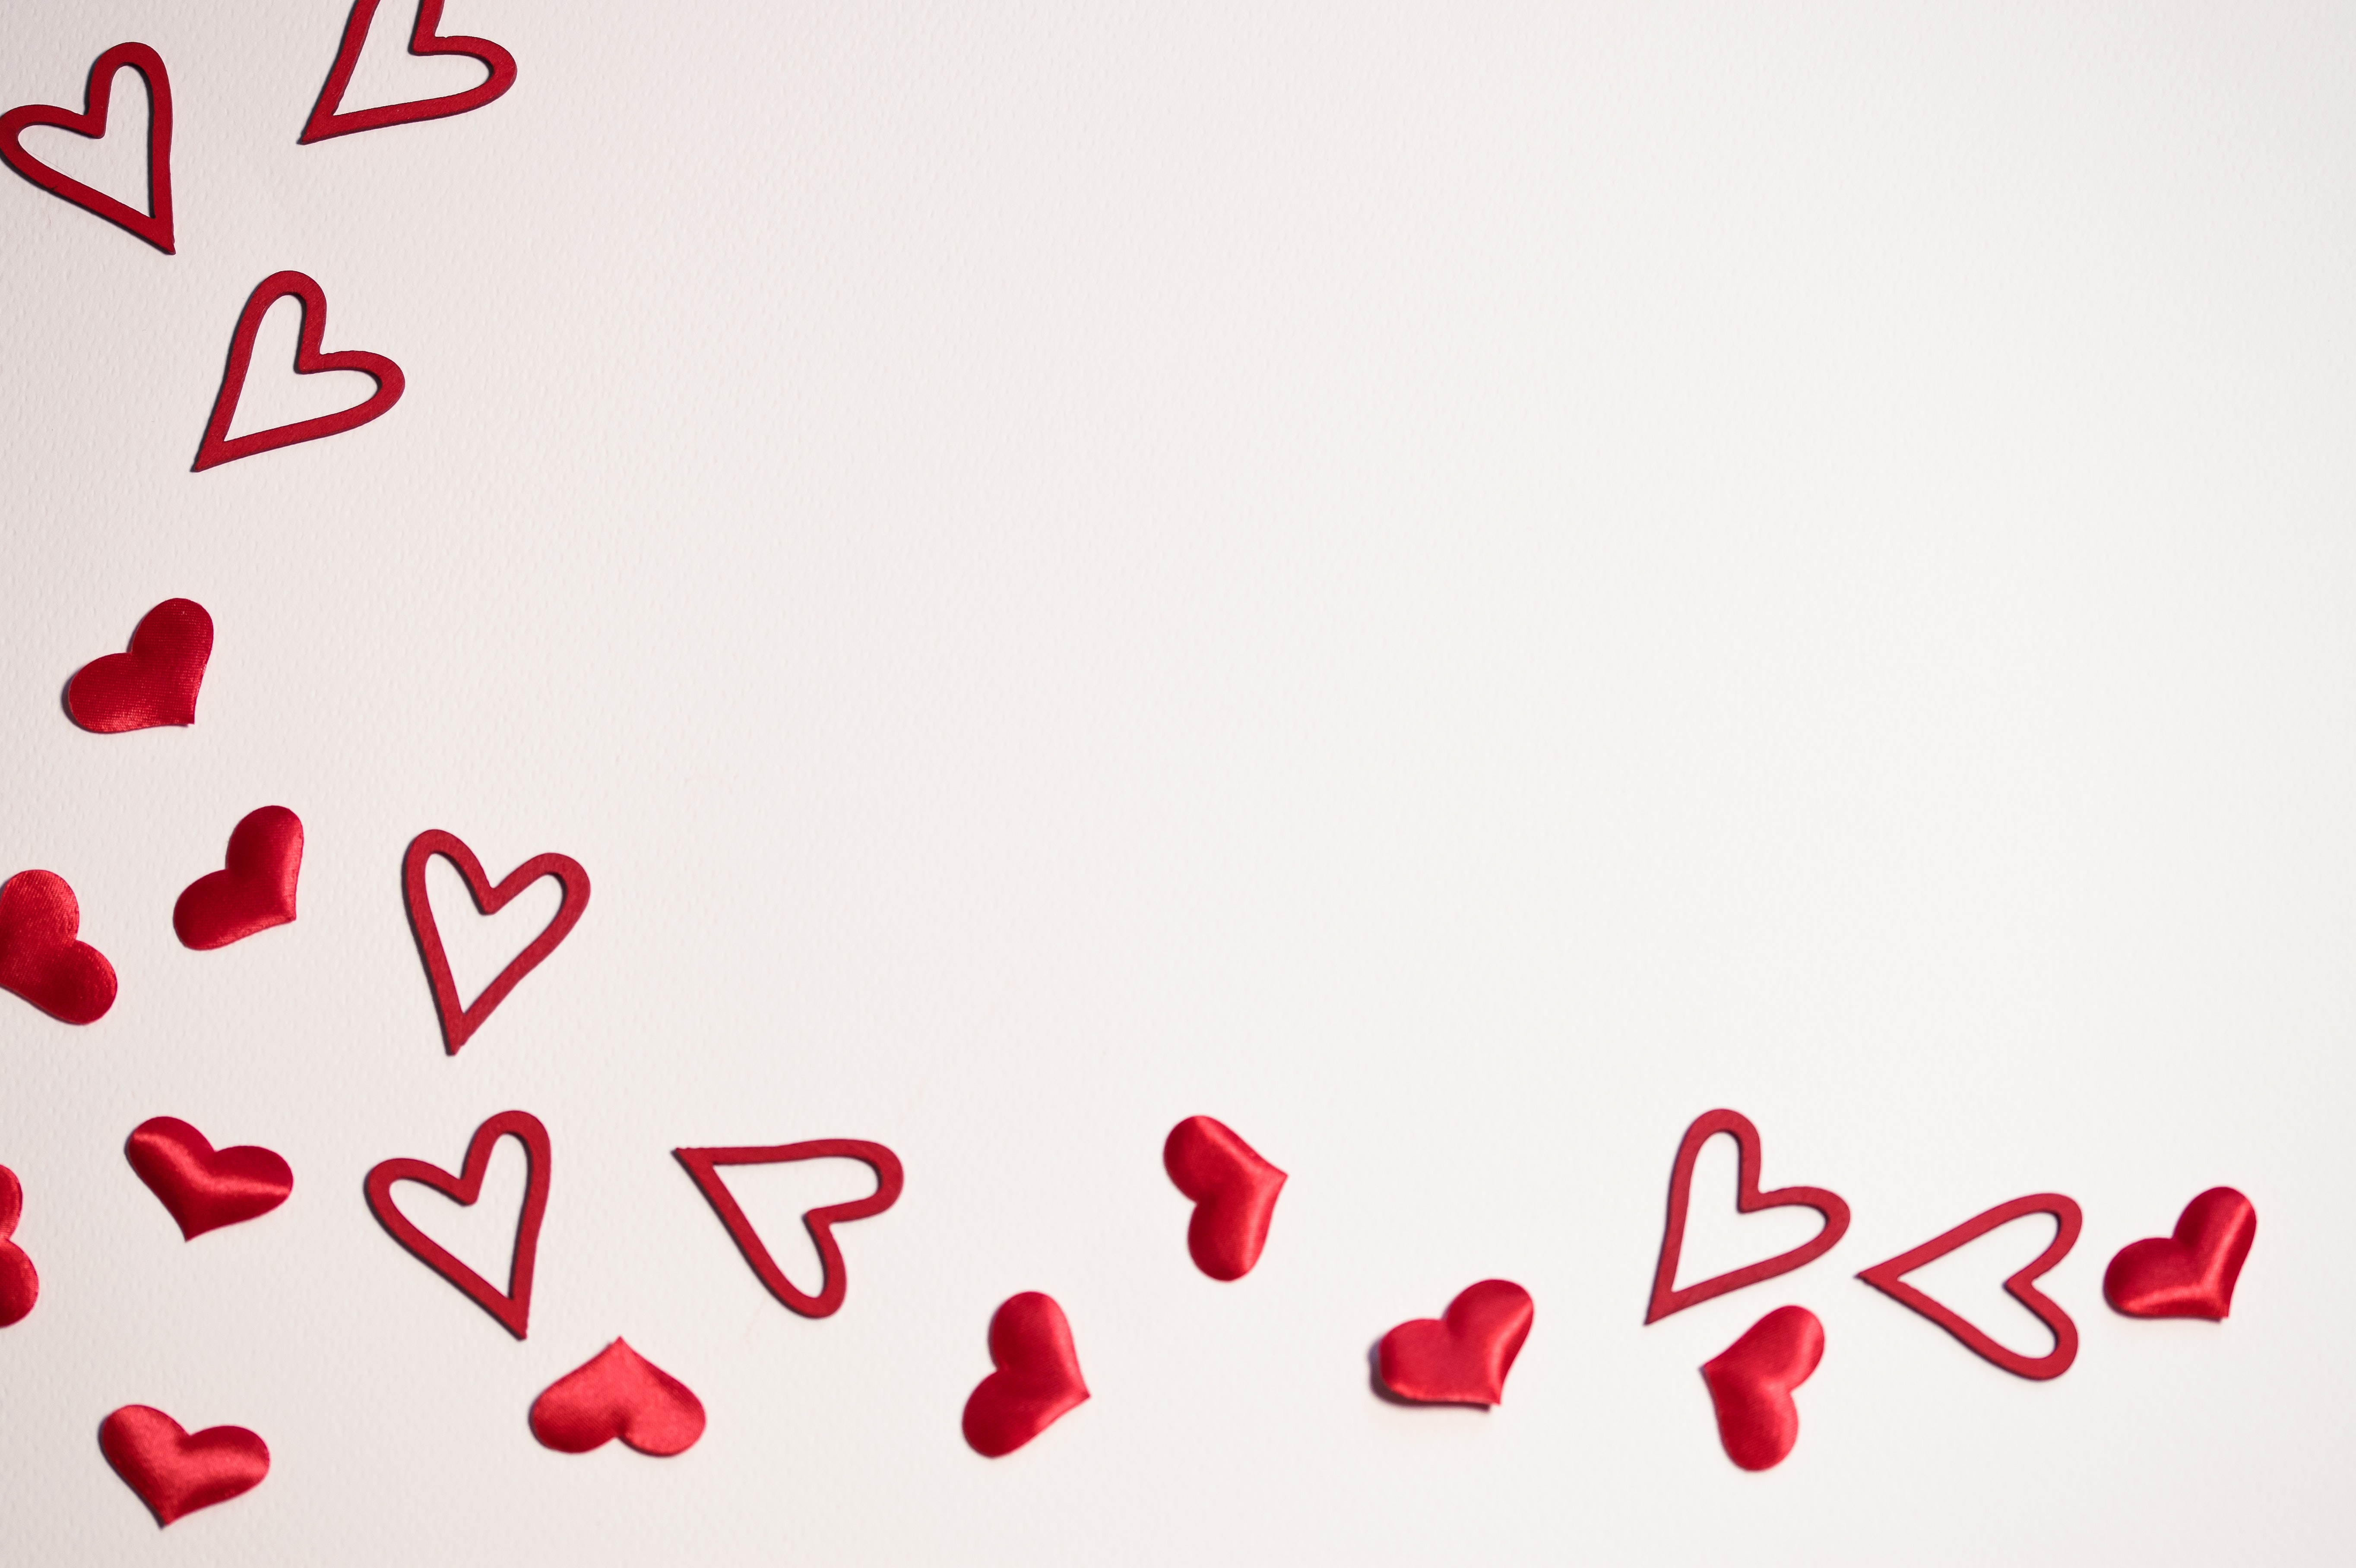 50+ Frohen Valentinstag Fotos · Pexels · Kostenlose Stock Fotos